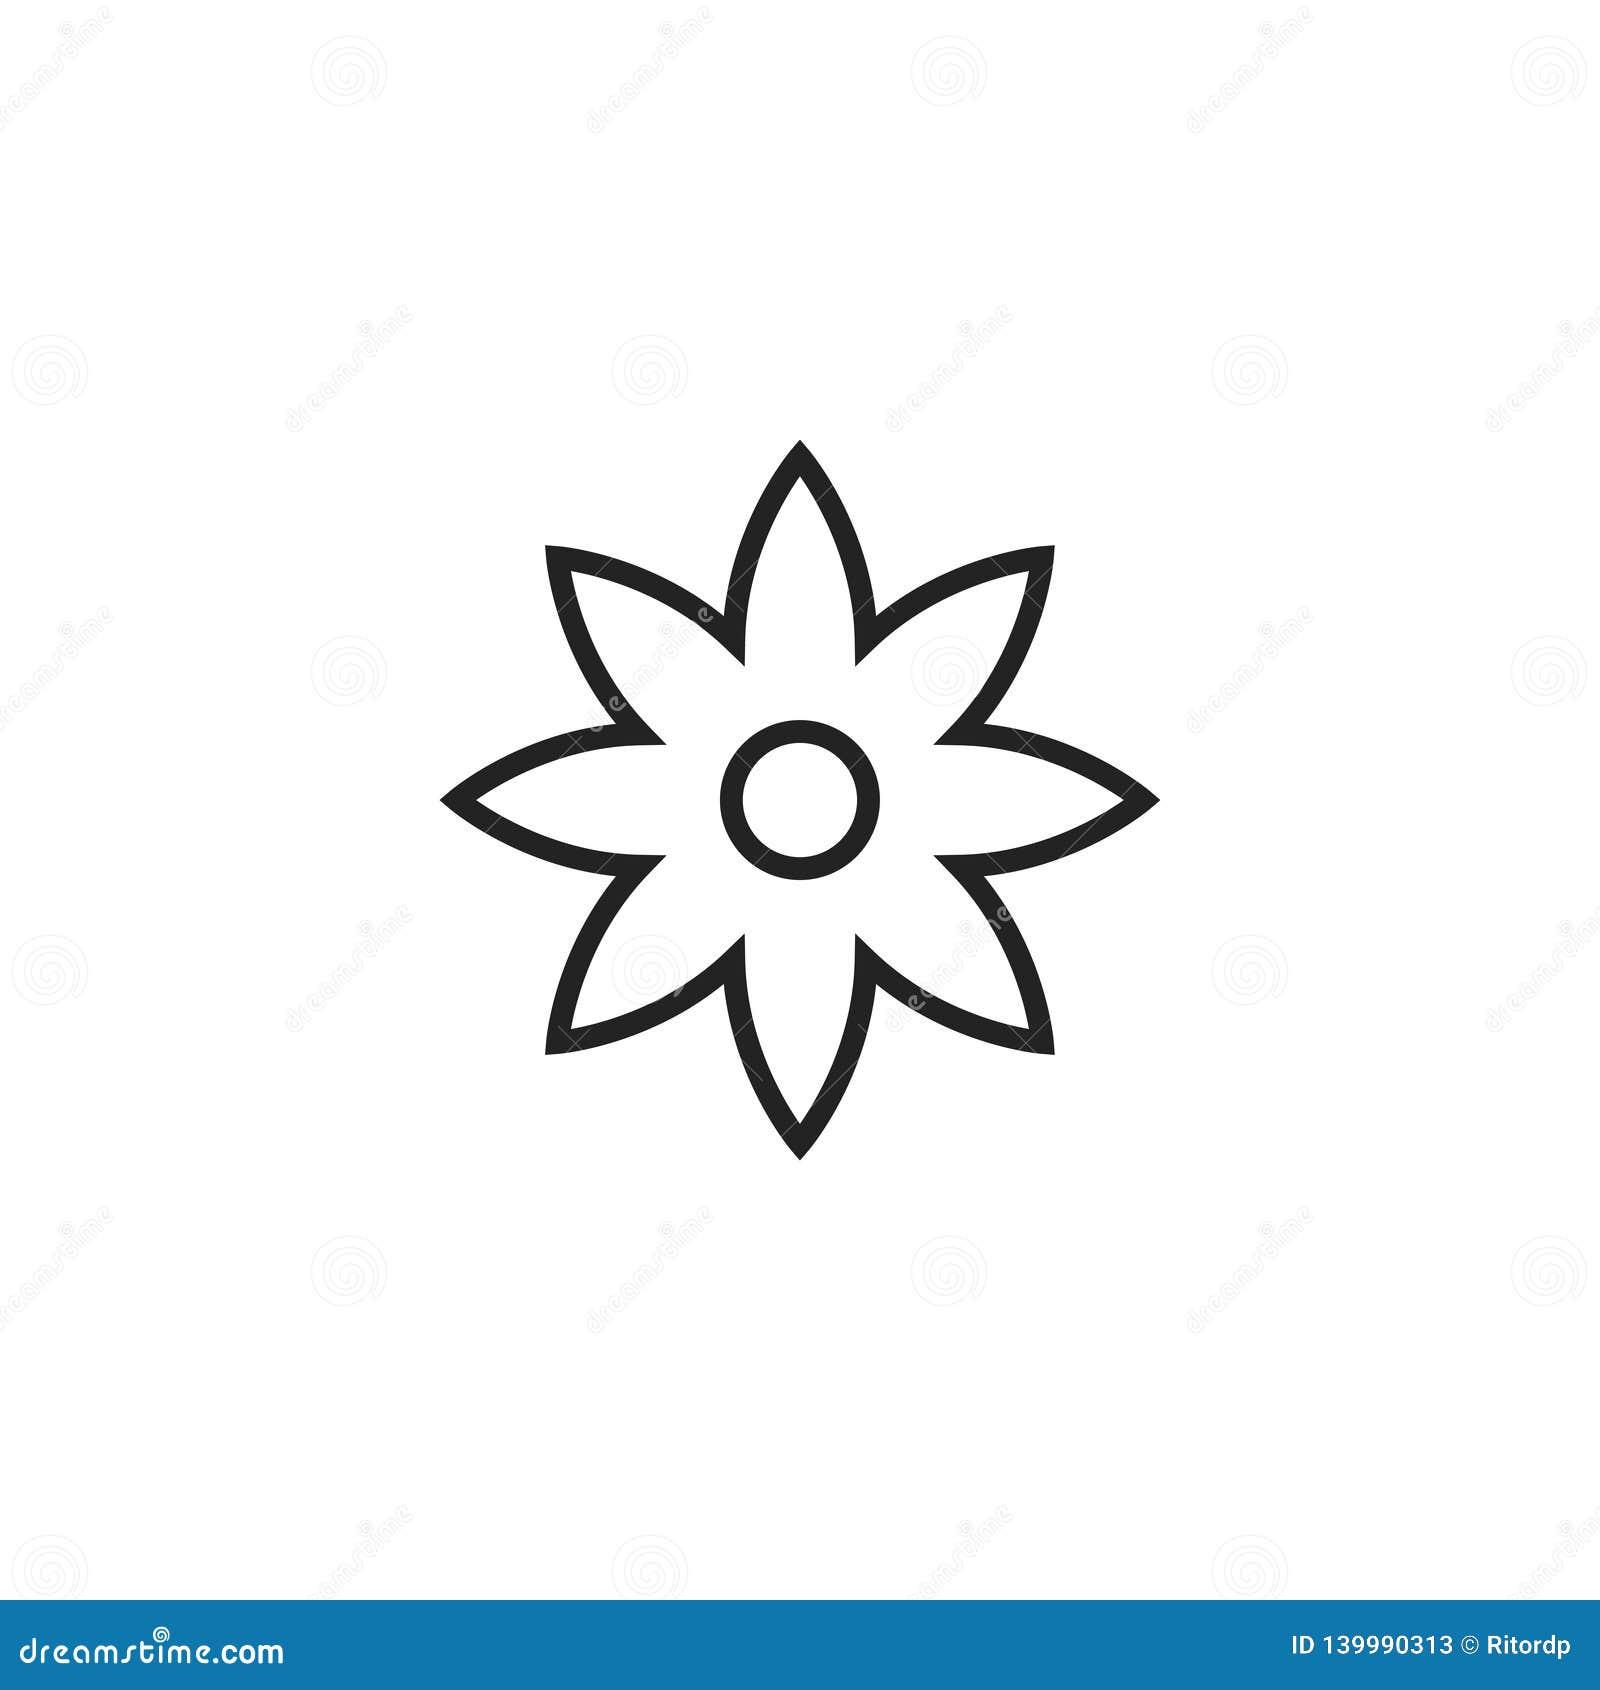 Значок, символ или логотип вектора плана цветка